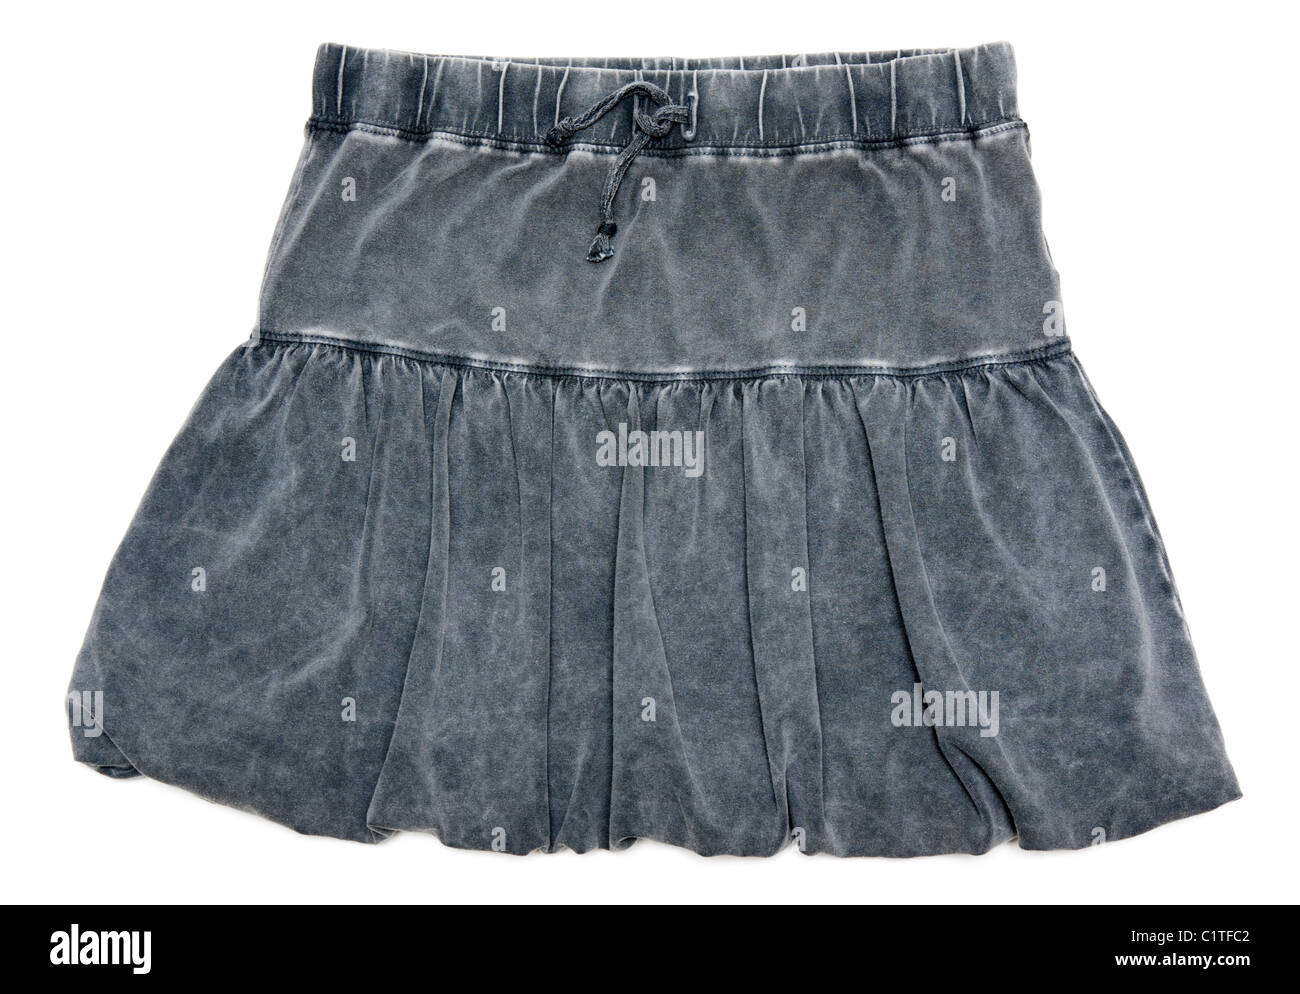 Gray feminine skirt insulated on white background - Stock Image